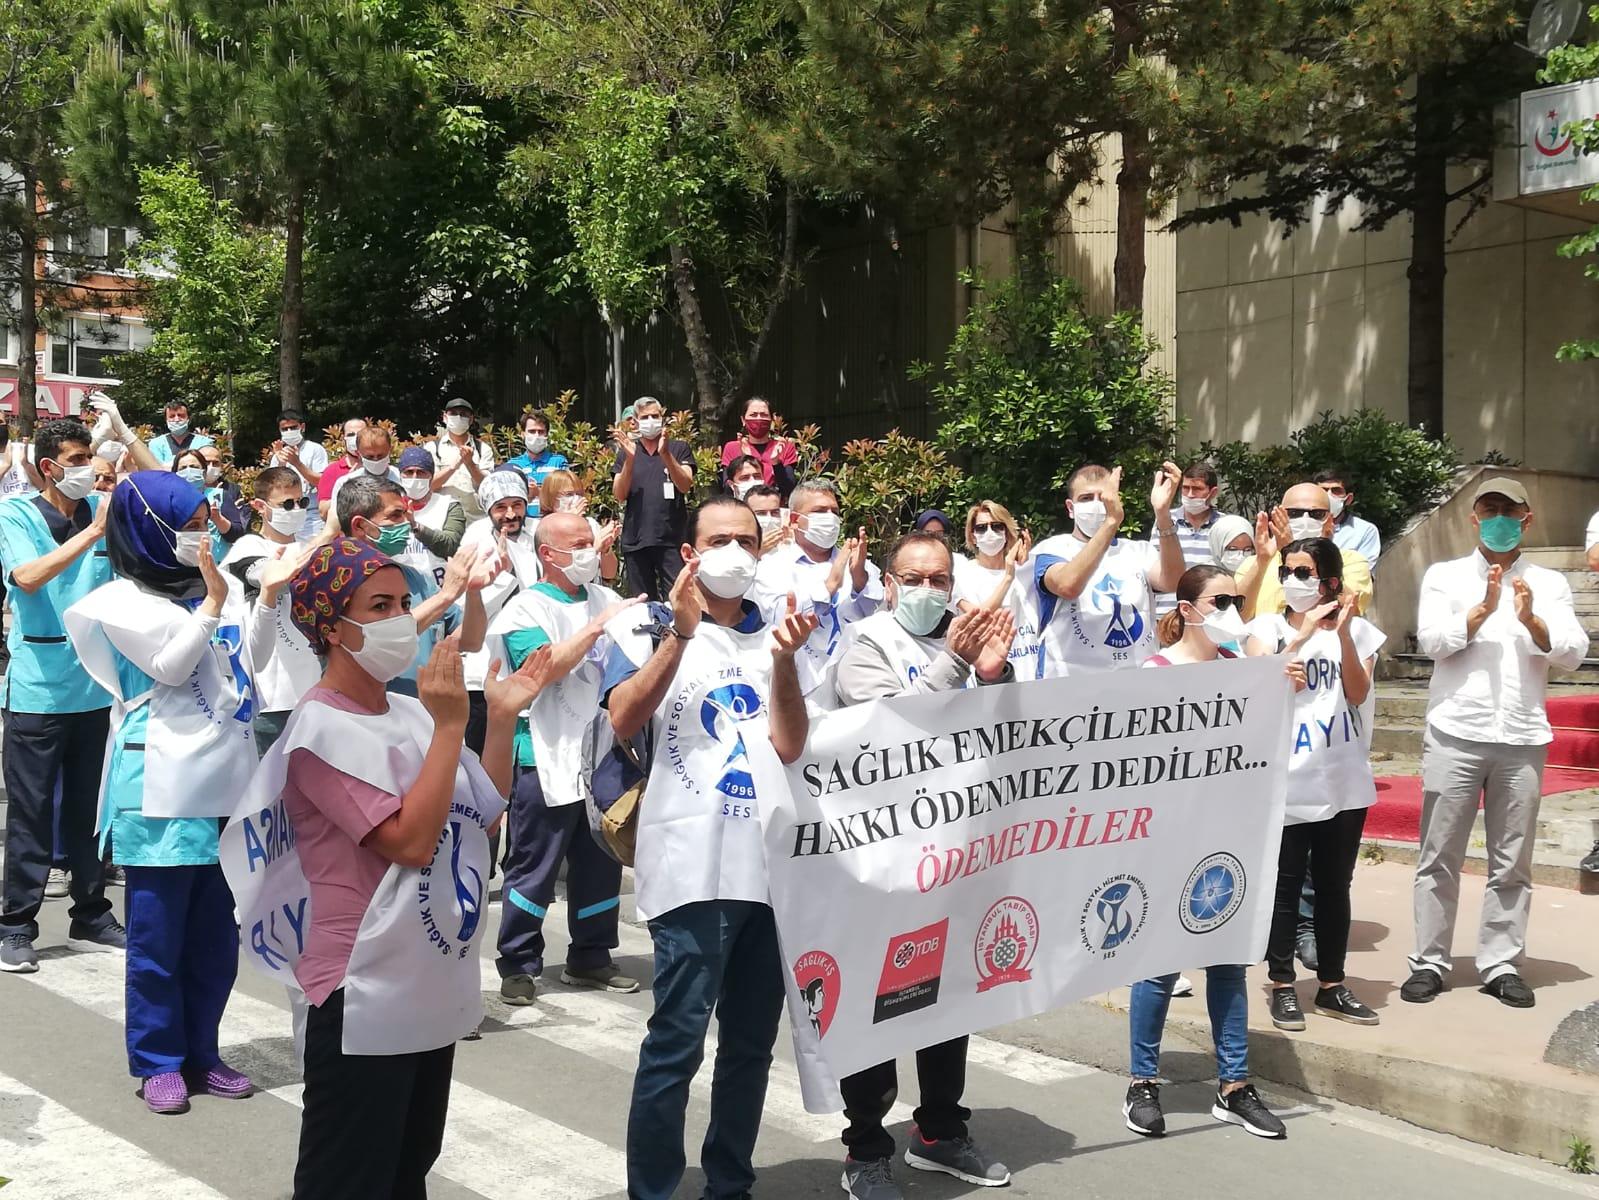 İstanbul Şubelerimiz, İstanbul Tabip Odası, İstanbul Diş Hekimleri Odası, Dev Sağlık-İş ve Tüm Radyoloji Teknisyenleri ve Teknikerleri Derneği'nden Temel Ücret Artışı Dilekçesi